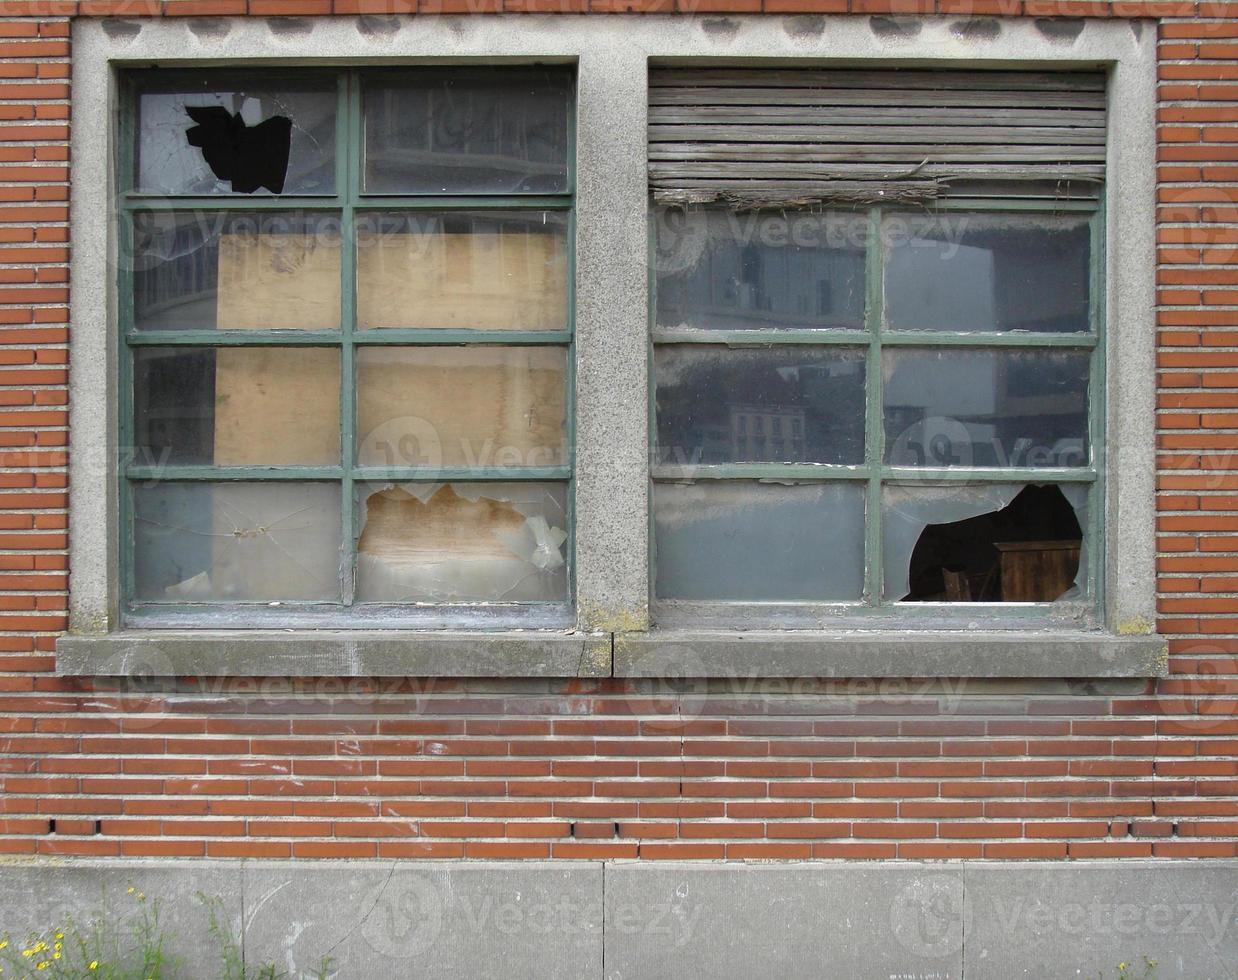 fachada de prédio abandonado com janelas quebradas e veneziana foto